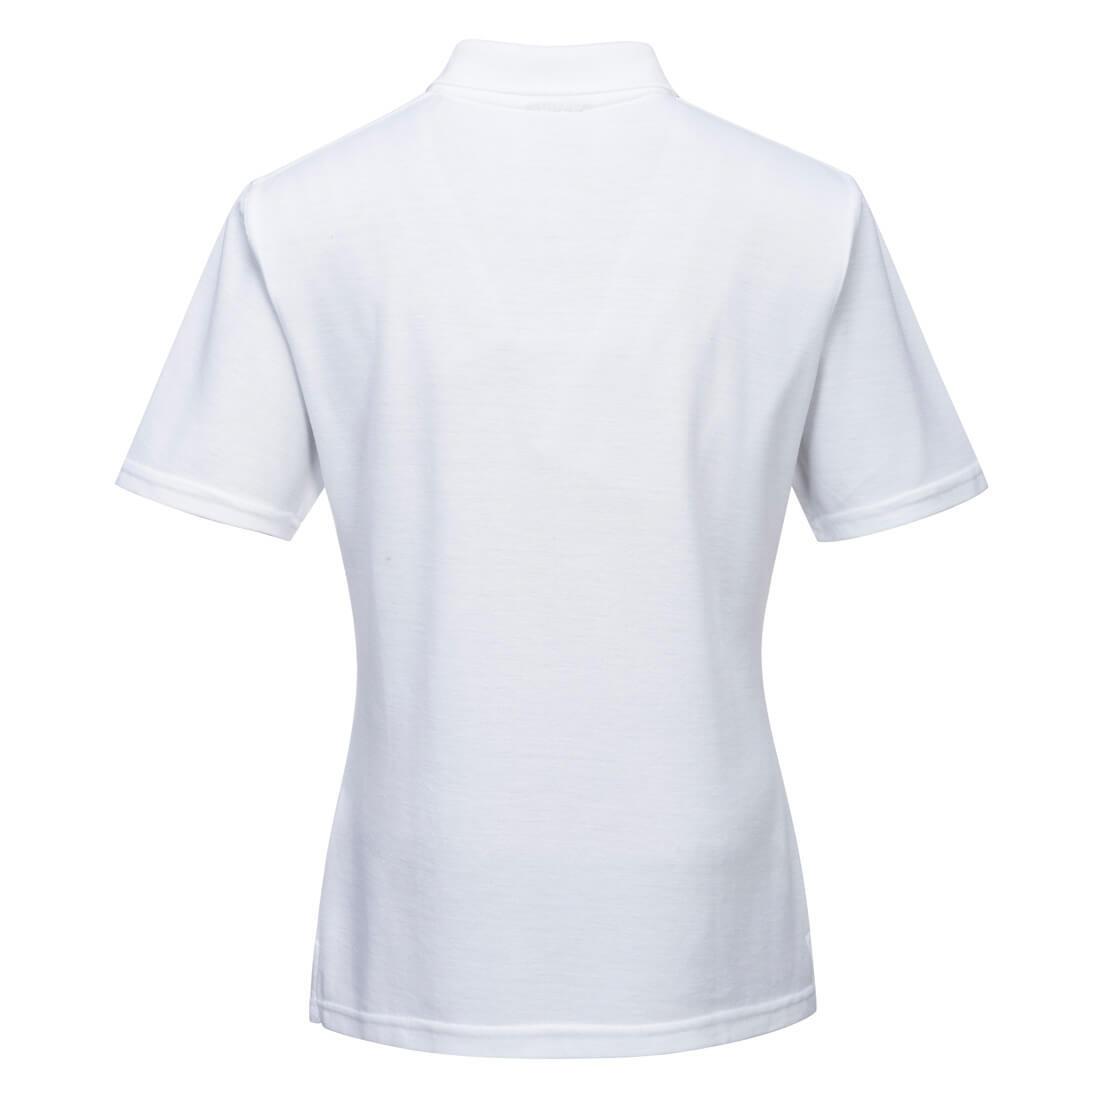 Tricou Polo de Dama - Imbracaminte de protectie